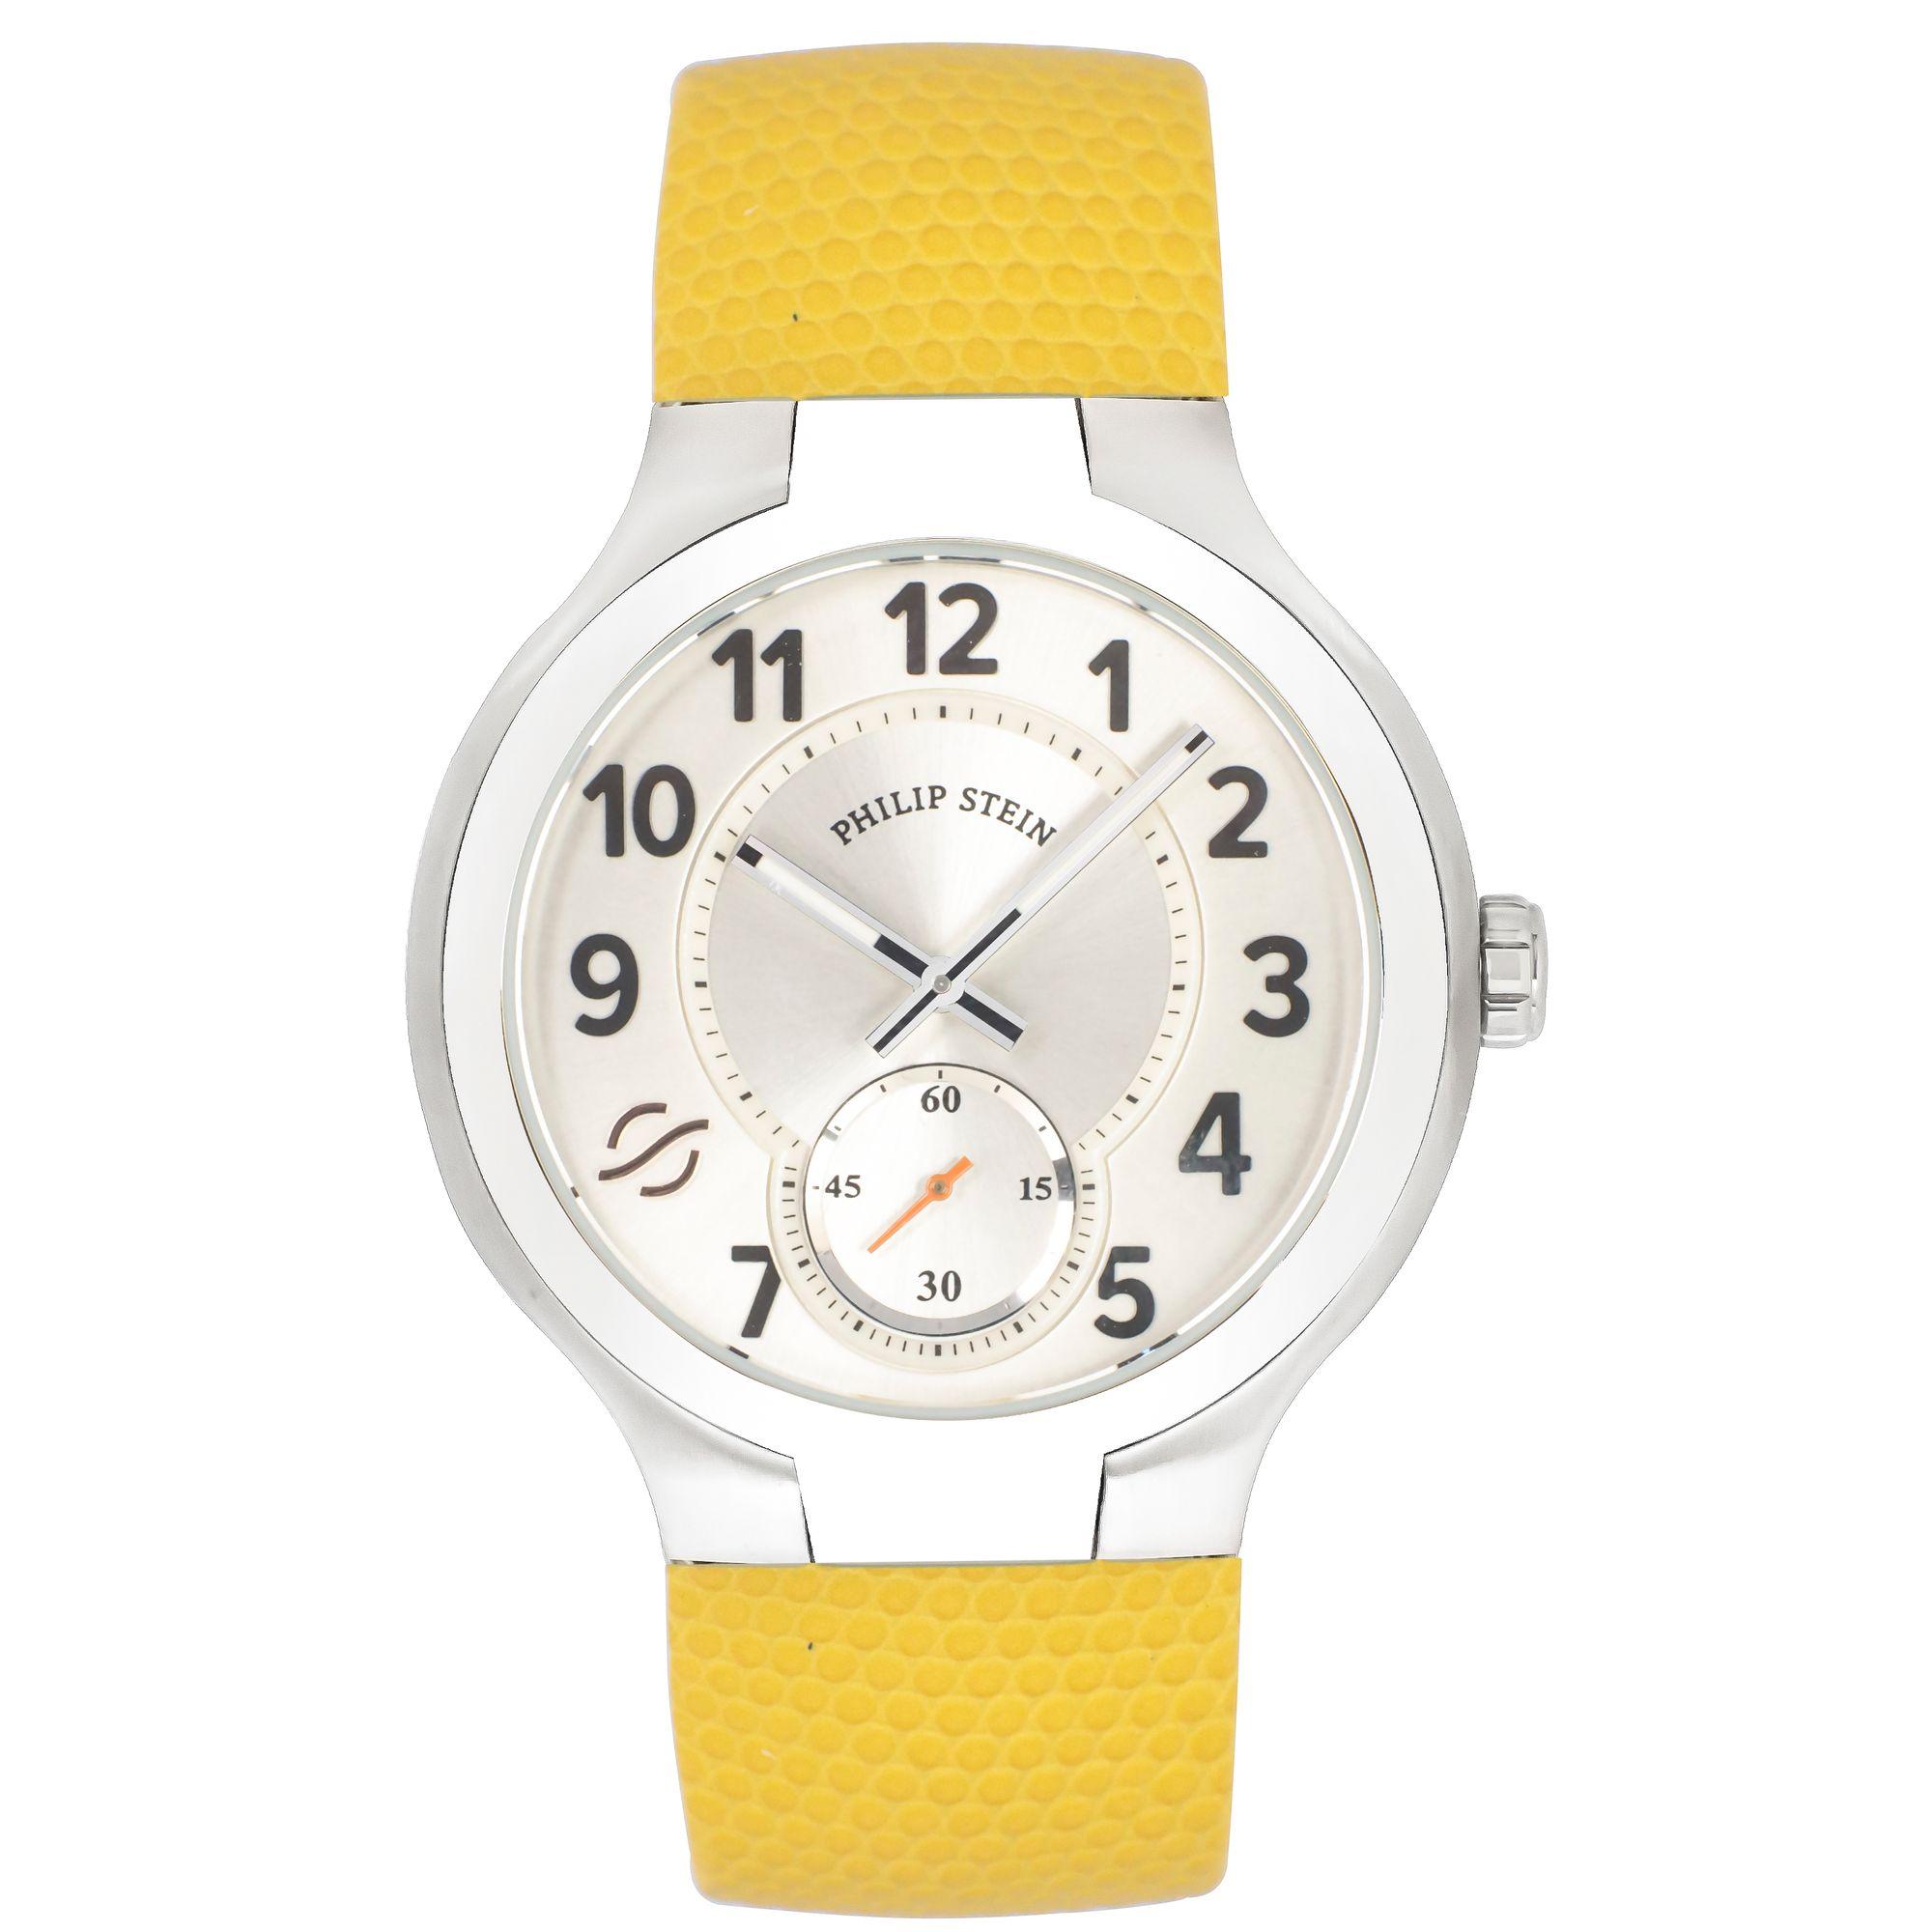 Philip Stein Classic Quartz Men's Watch